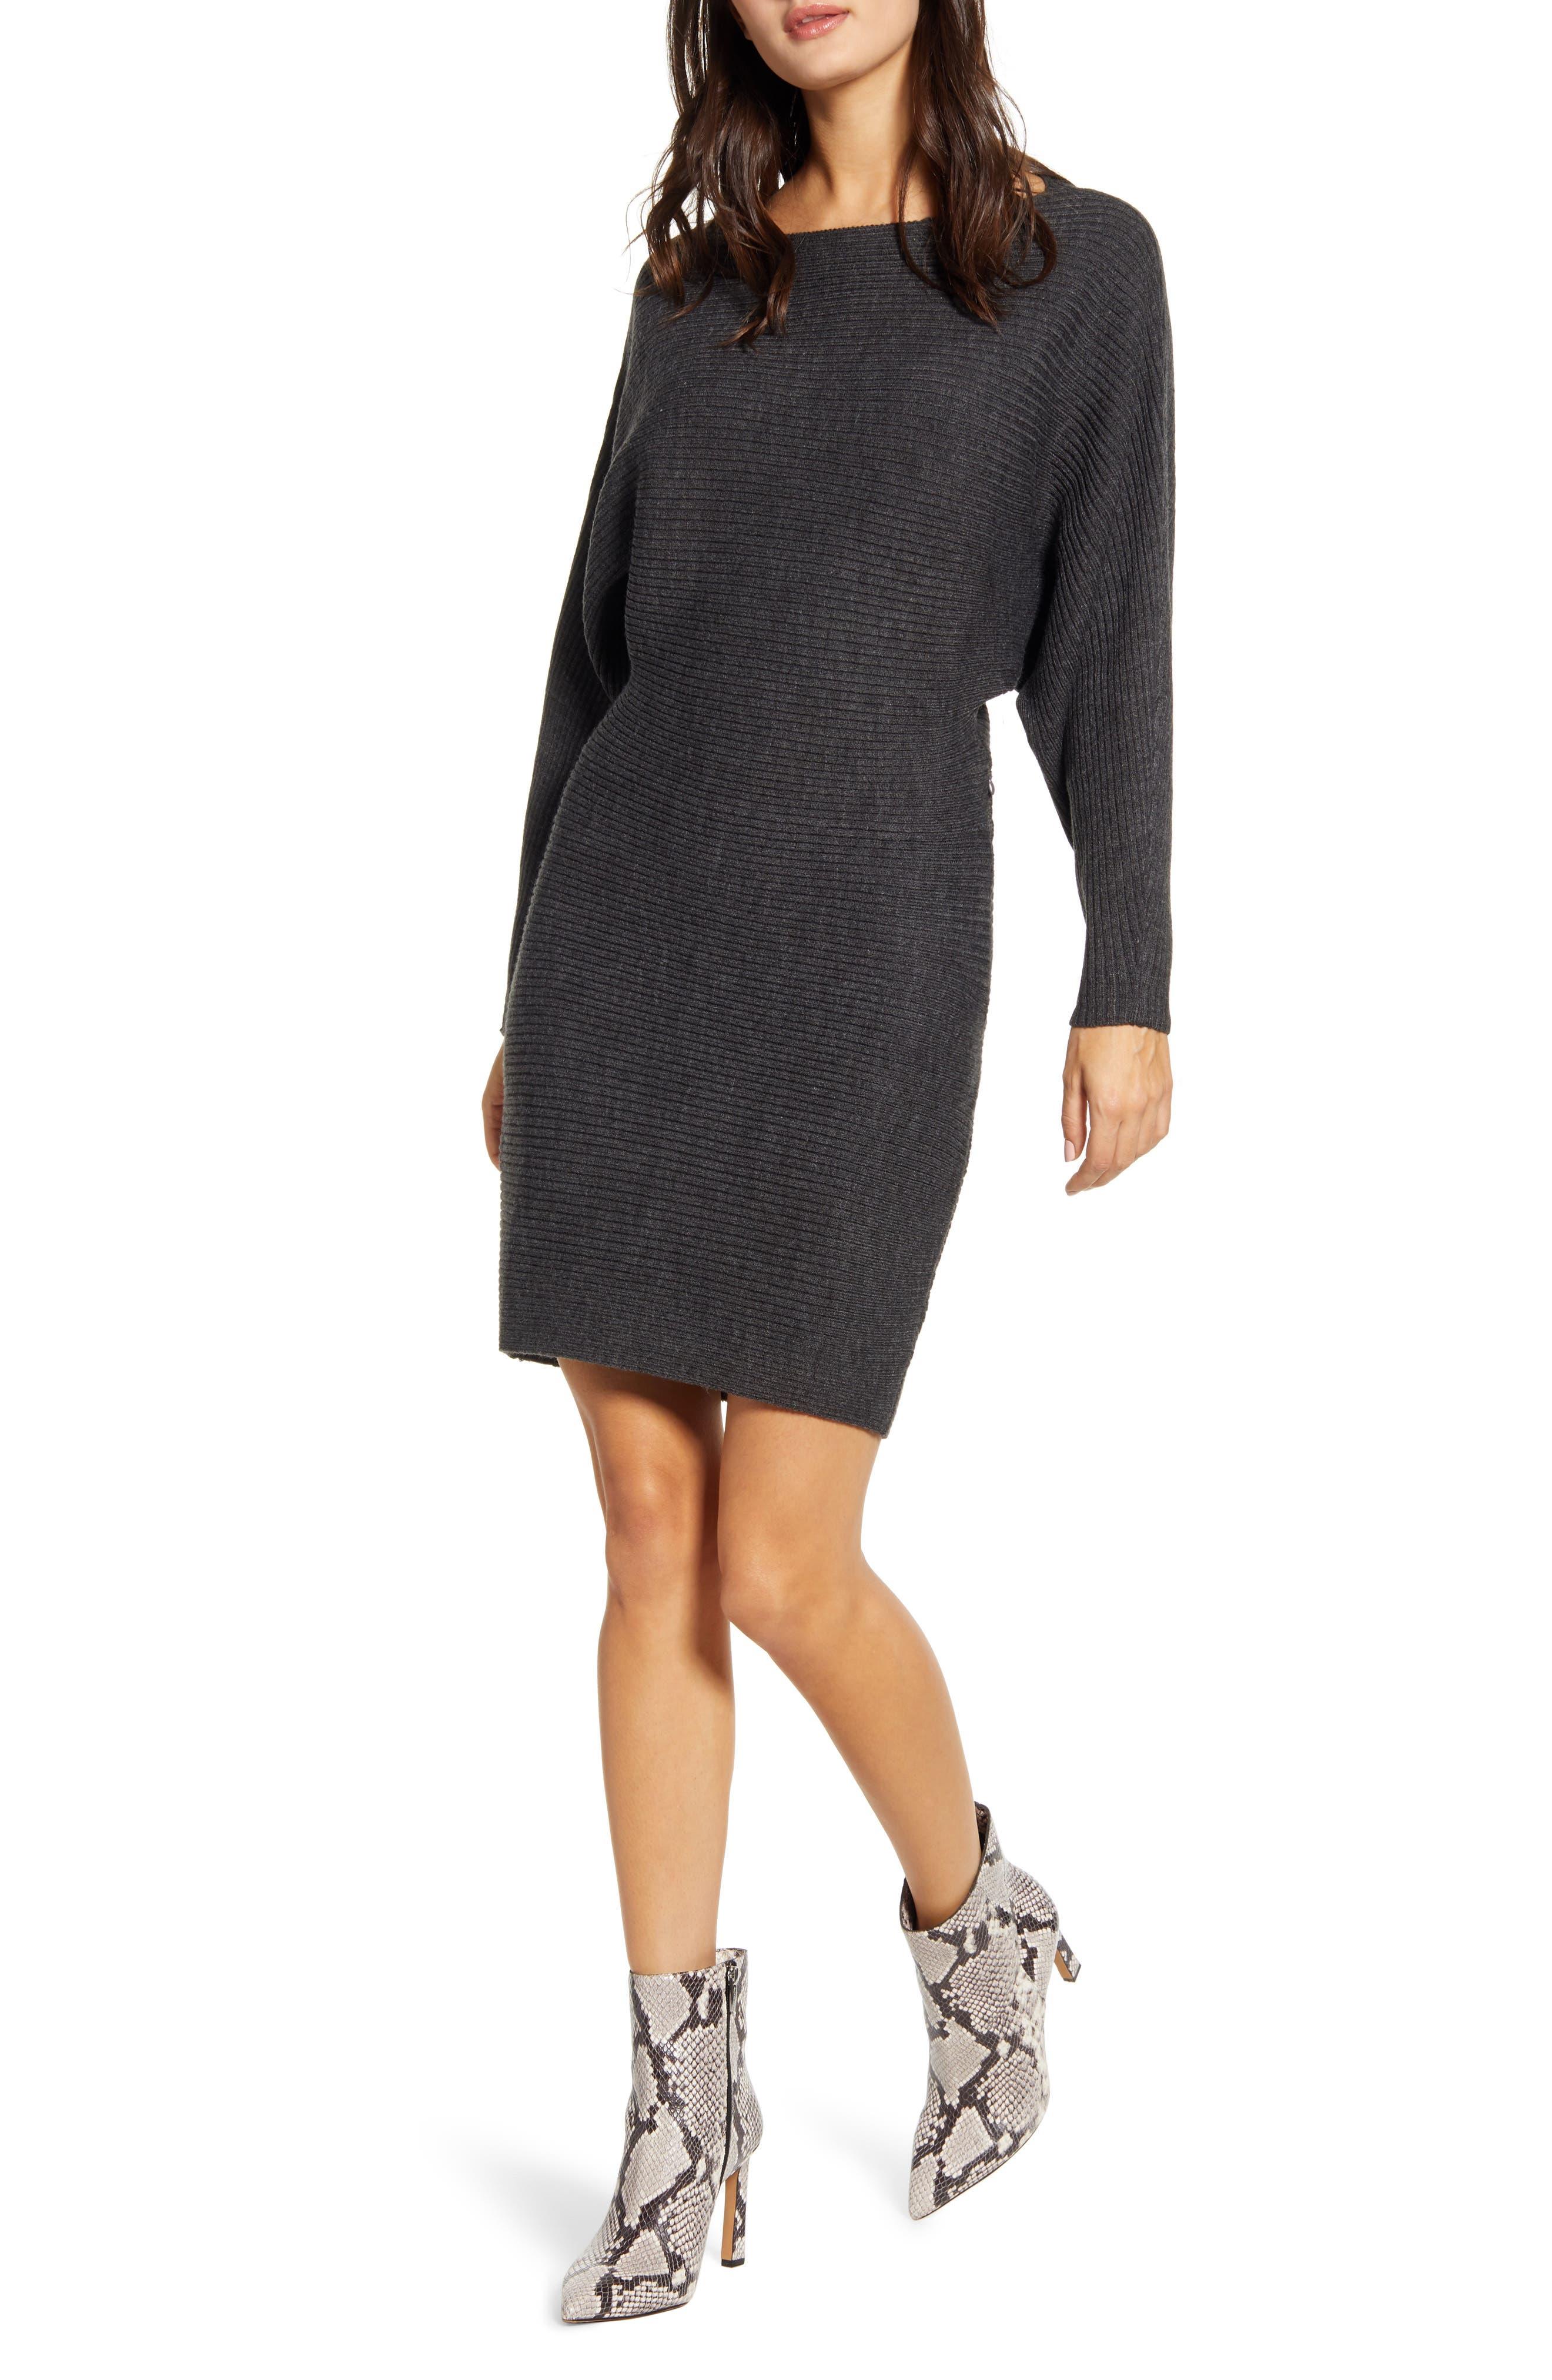 All in Favor Dolman Sleeve Sweater Dress